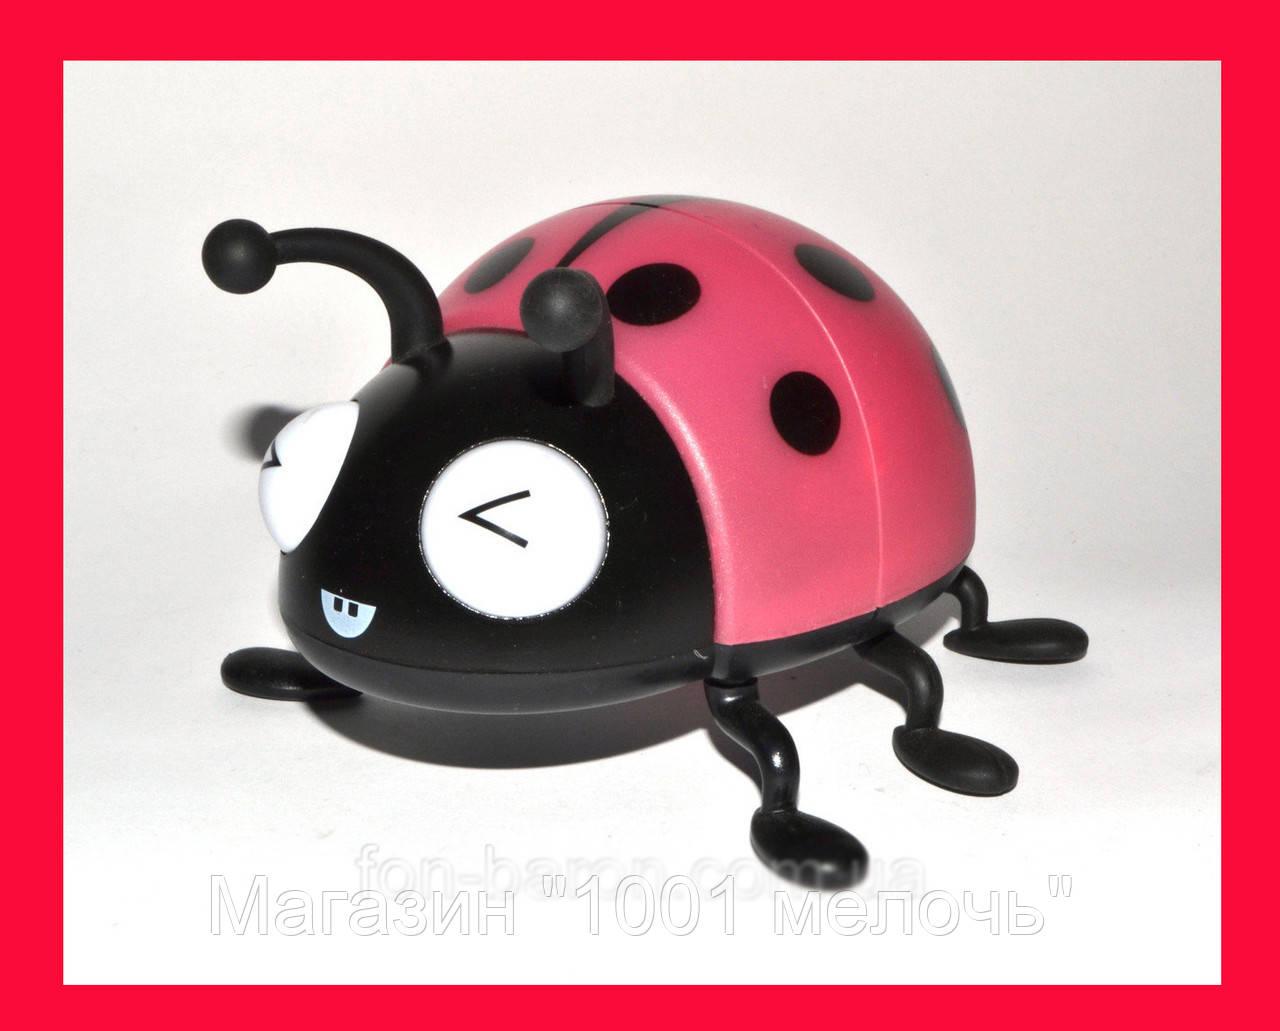 Портативная MP3 колонка Танцующий жук SK-15 (божья коровка)!Лучший подарок